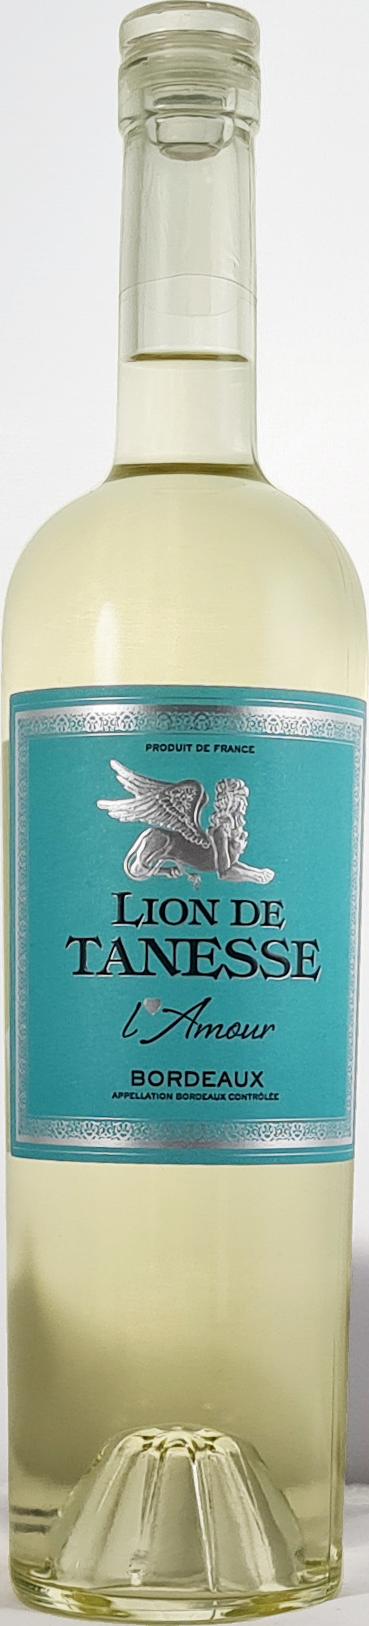 lion de tanesse vin blanc moelleux AOP bordeaux 2019